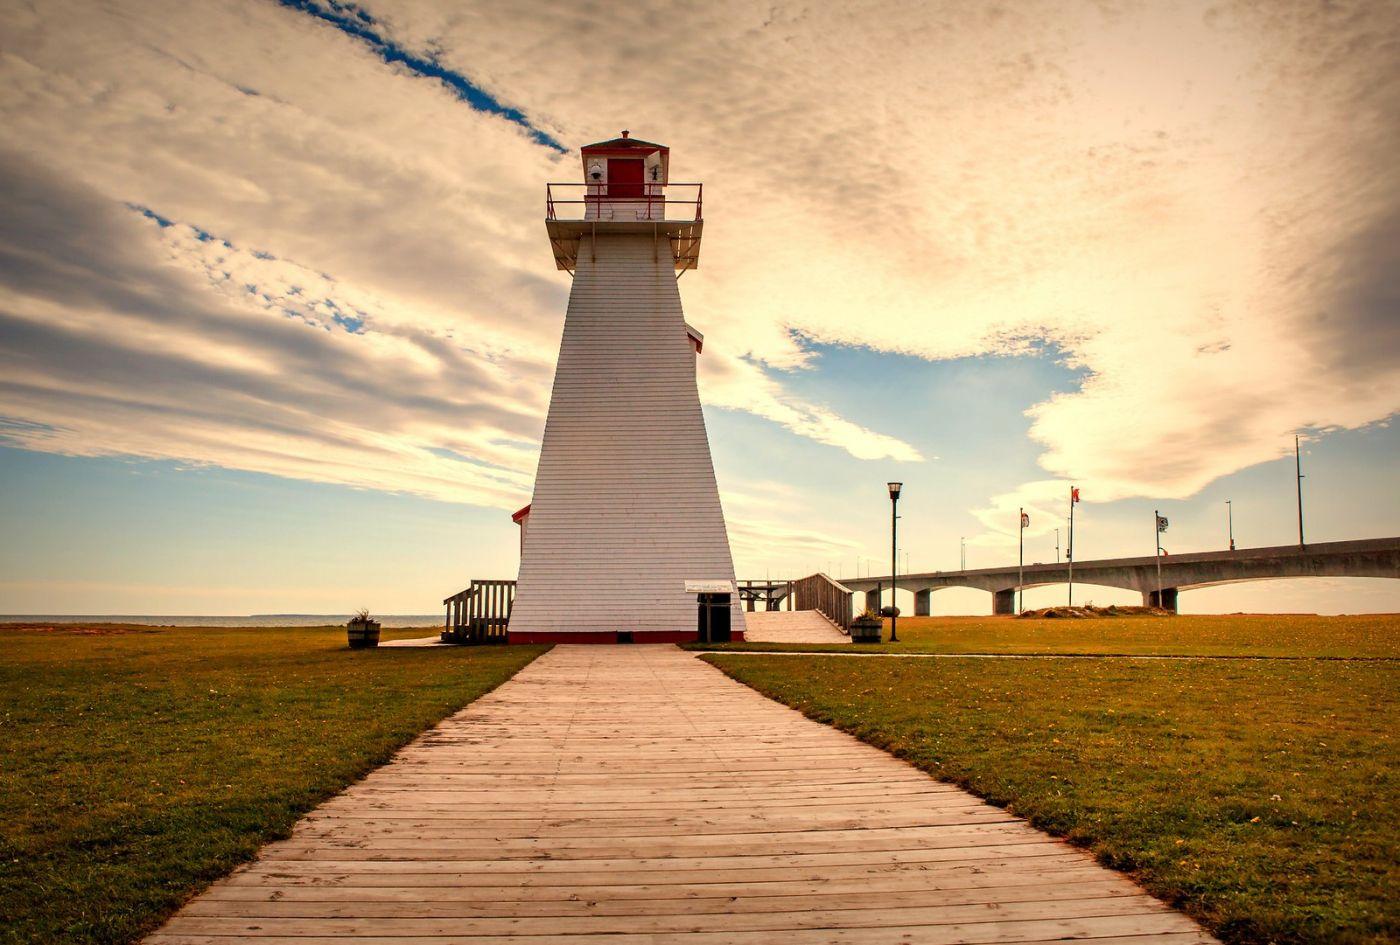 加拿大风景,长桥和灯塔_图1-6